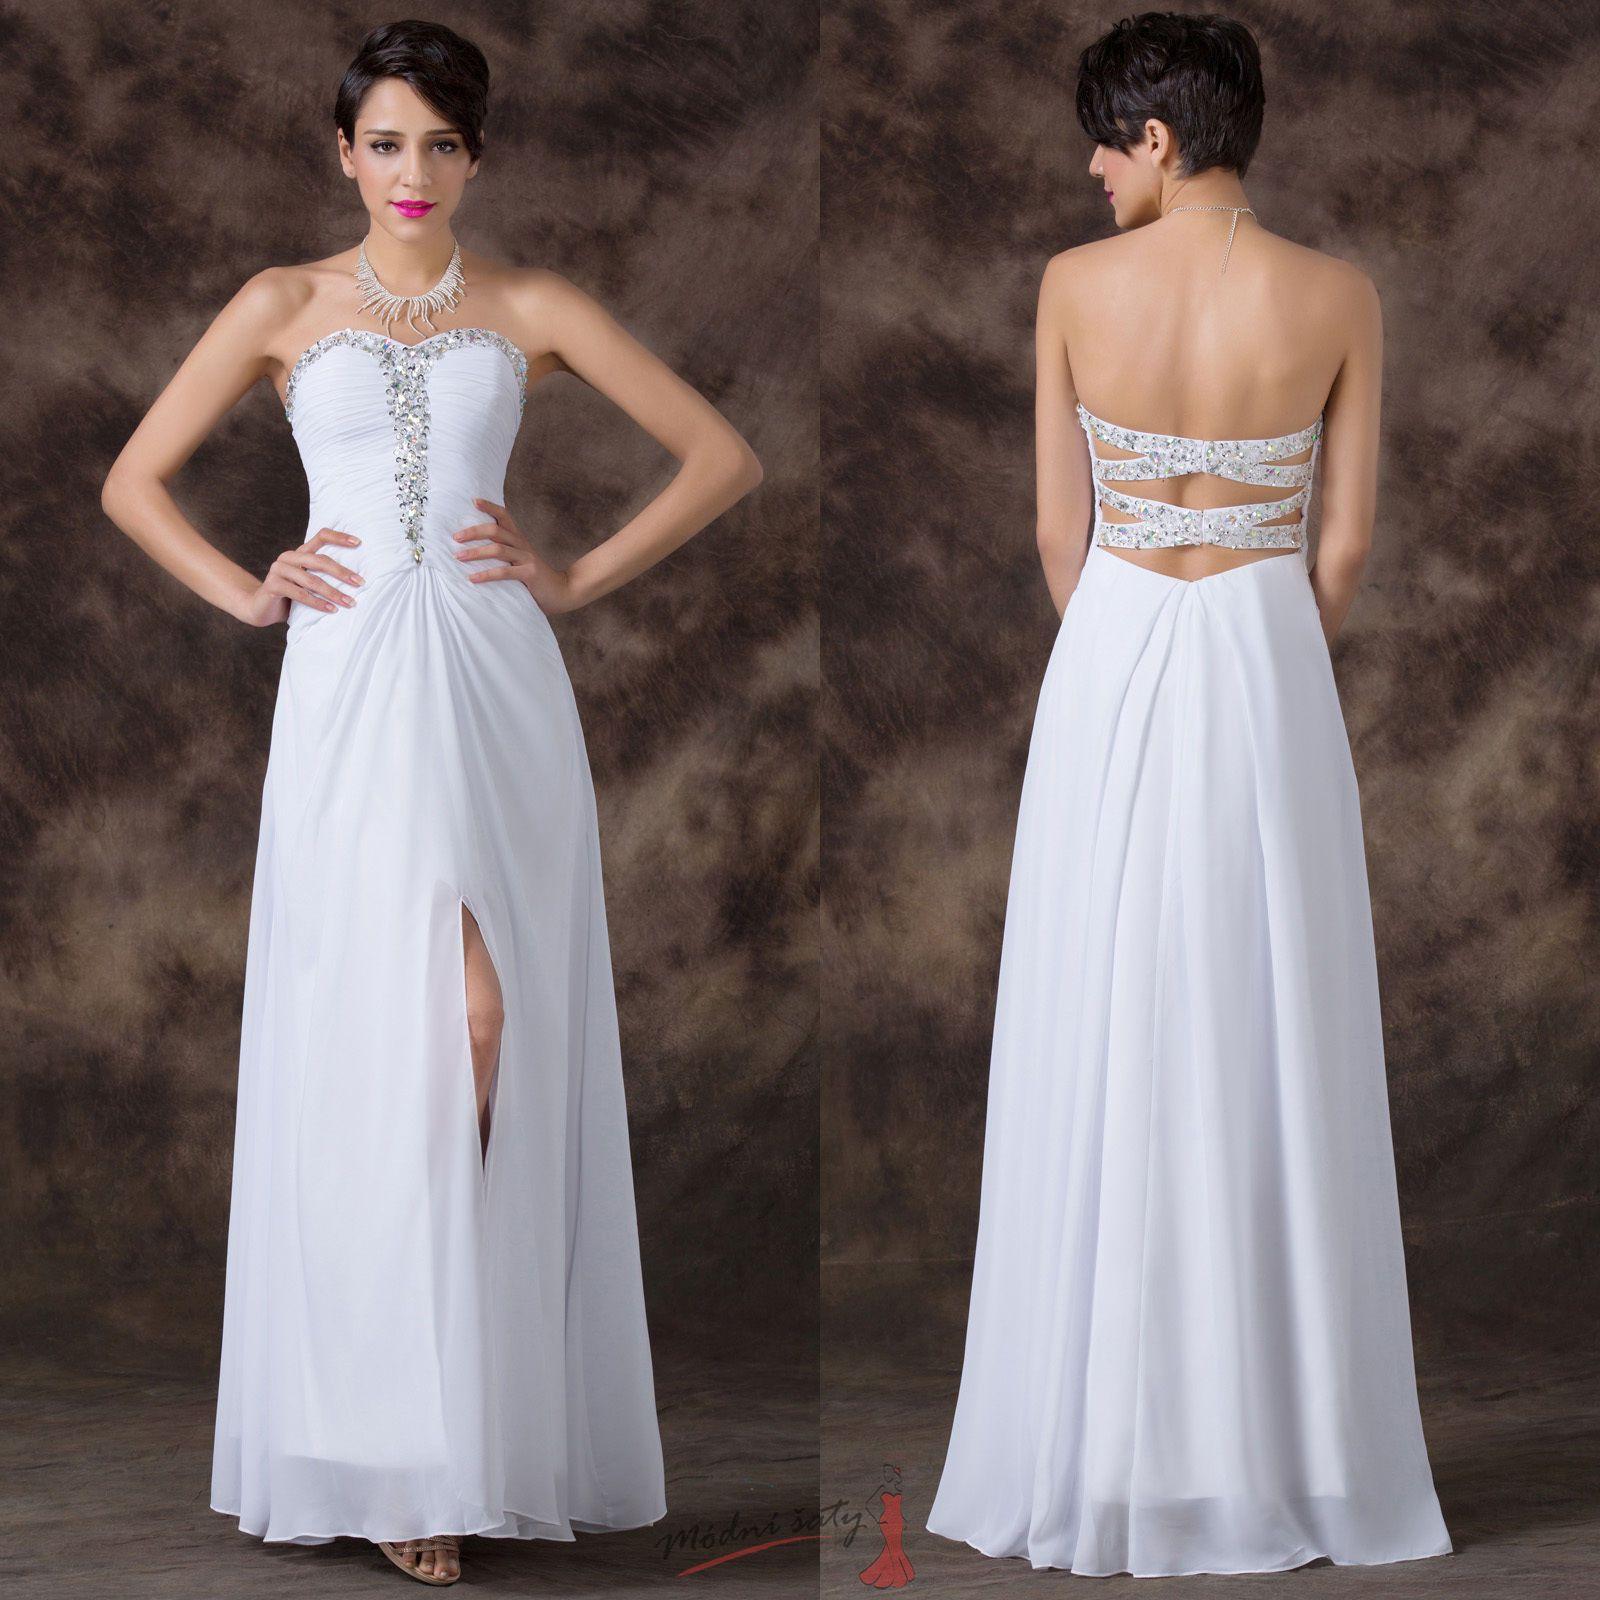 Bílé plesové šaty s holými zády zdobené korálky c83234cbba